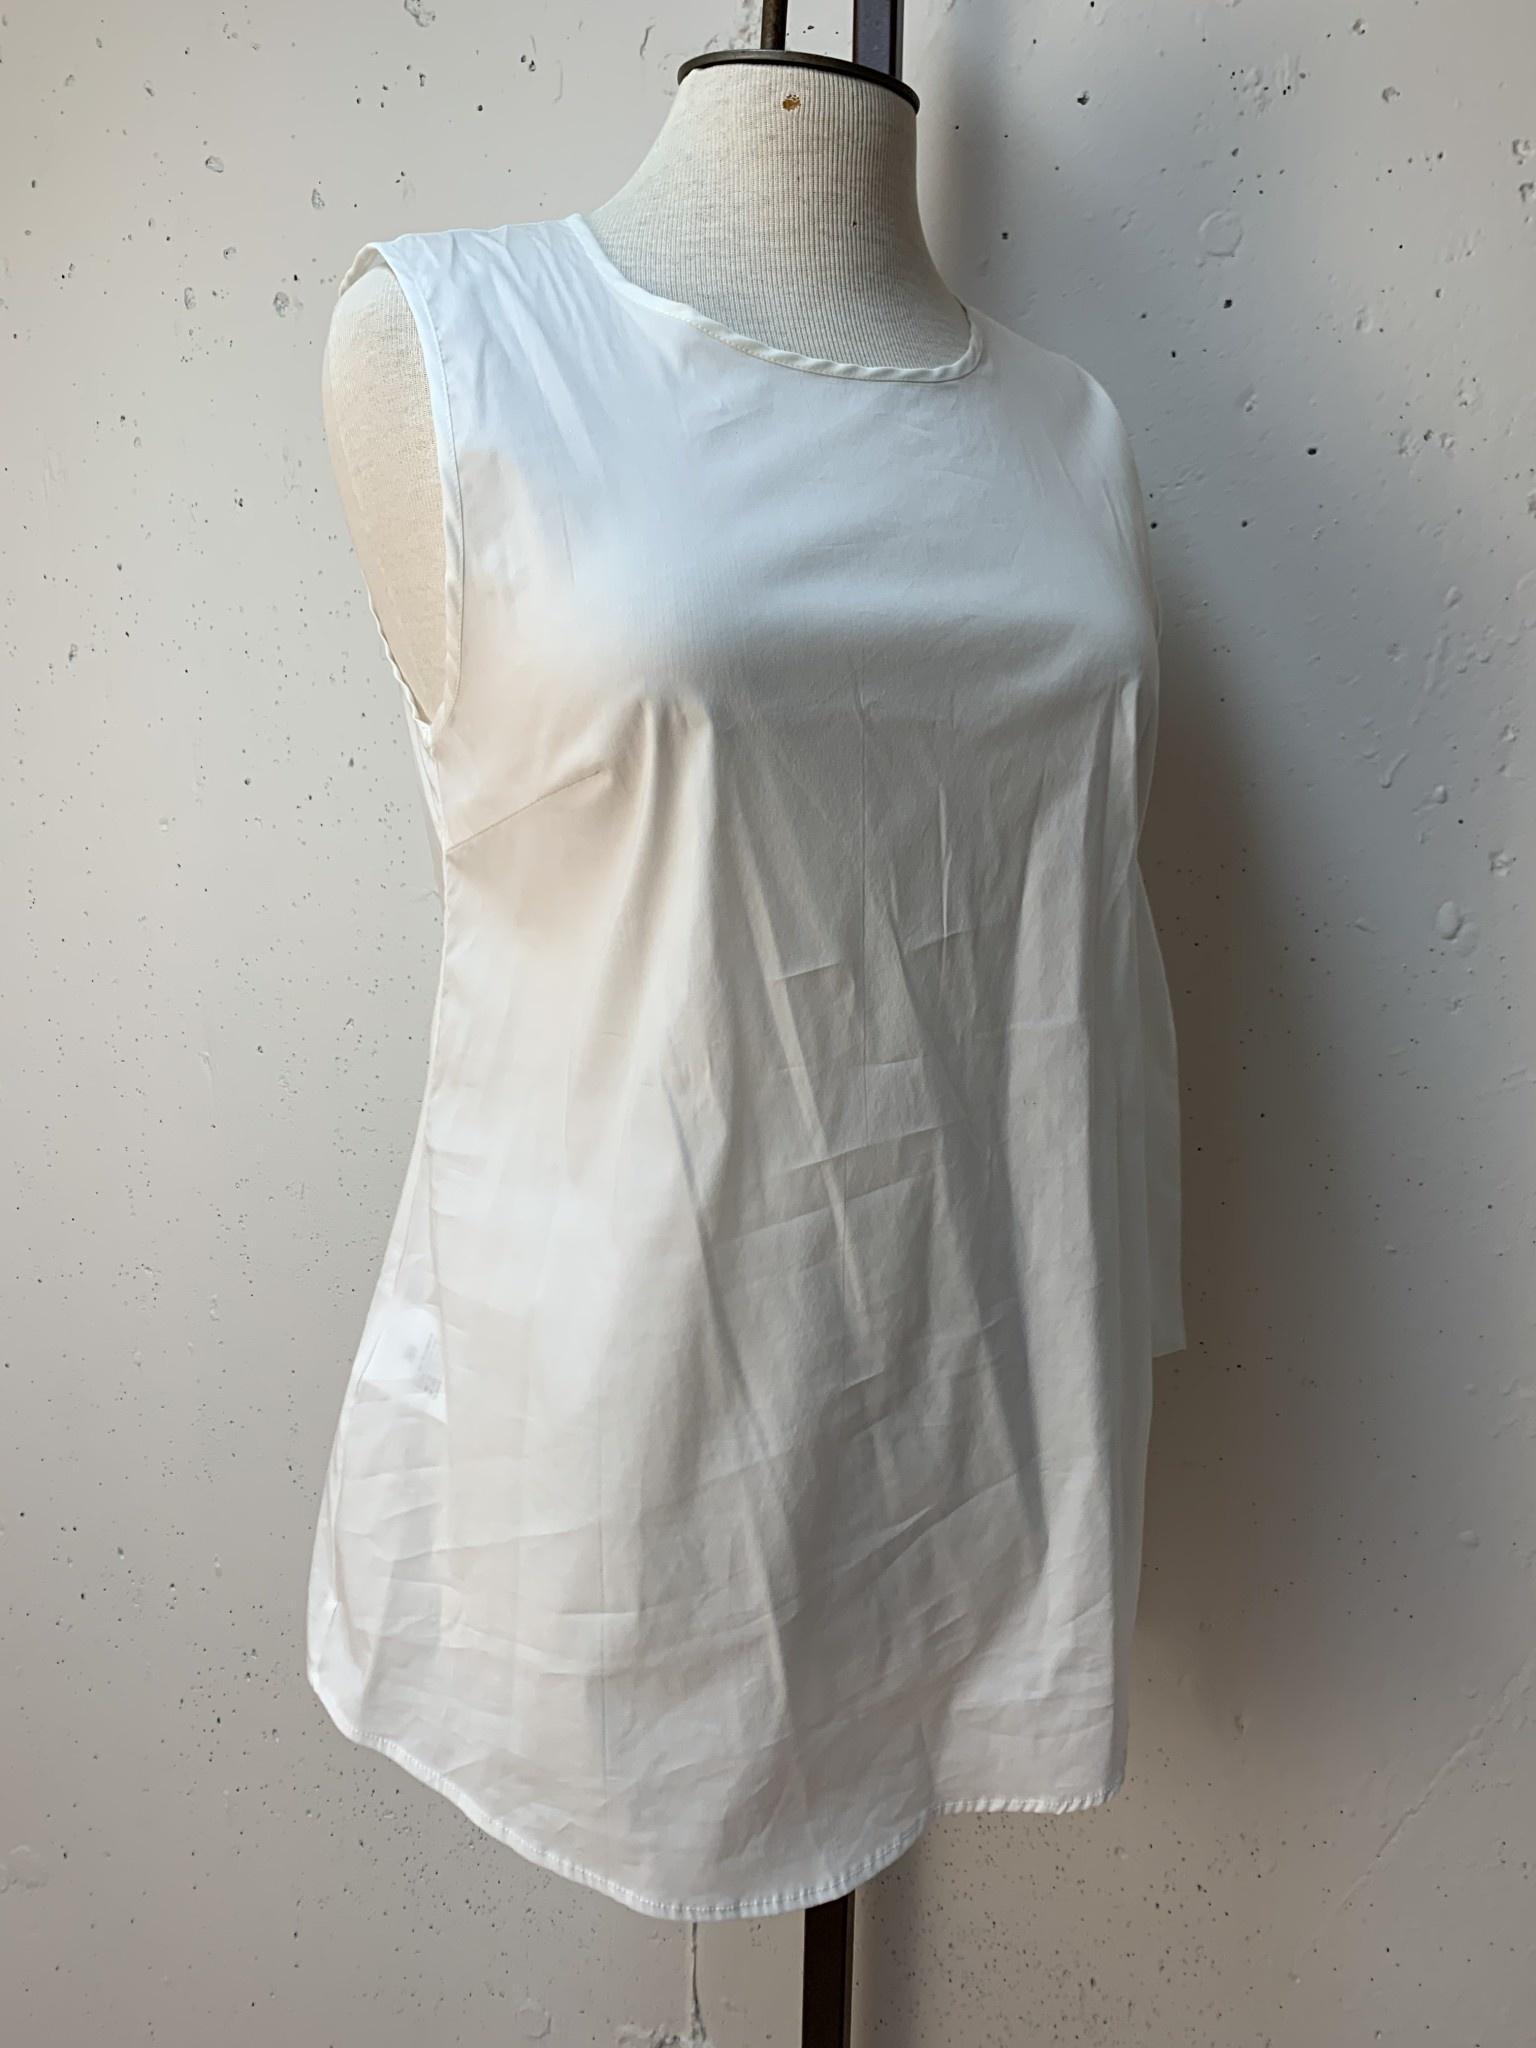 Liviana Conti *Tie Side Top/White/38